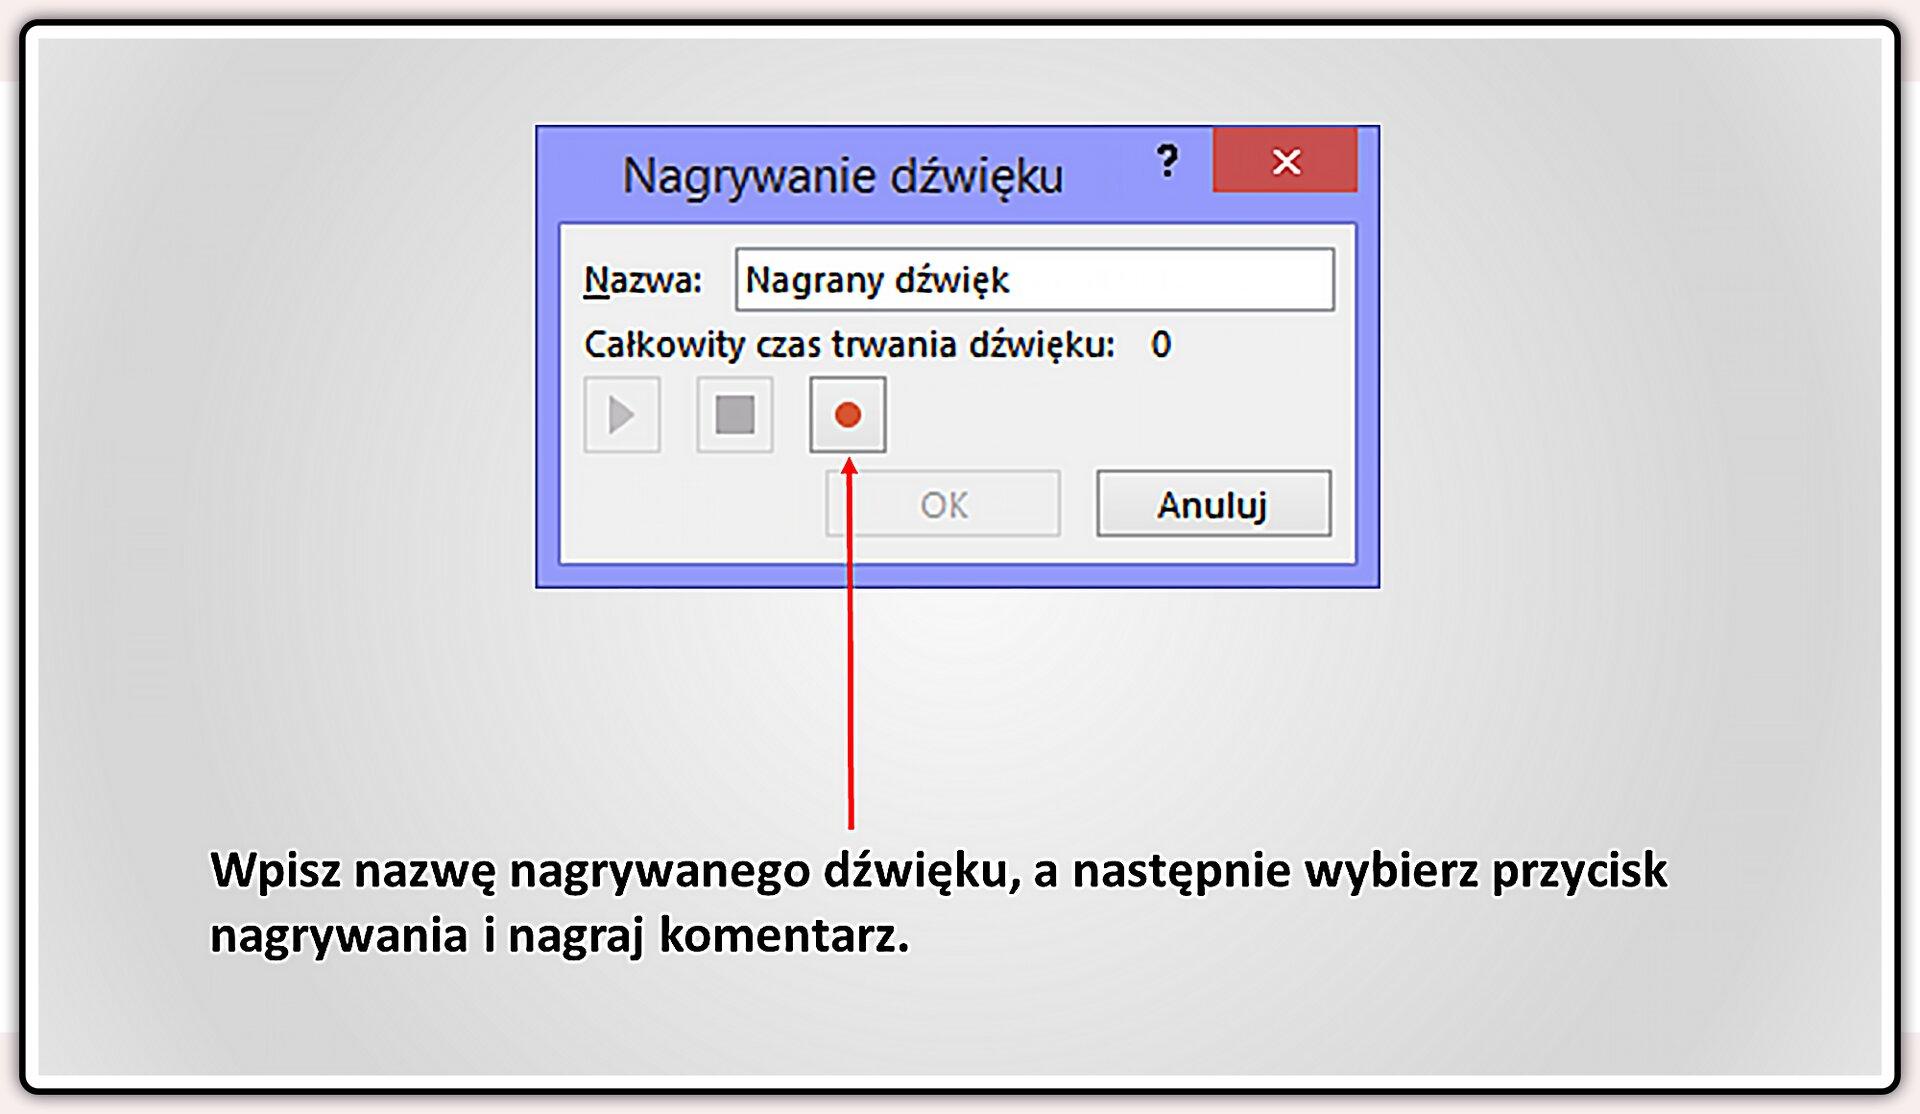 Slajd 3 galerii slajdów pokazu: Nagrywanie komentarza do prezentacji wprogramie MS PowerPoint